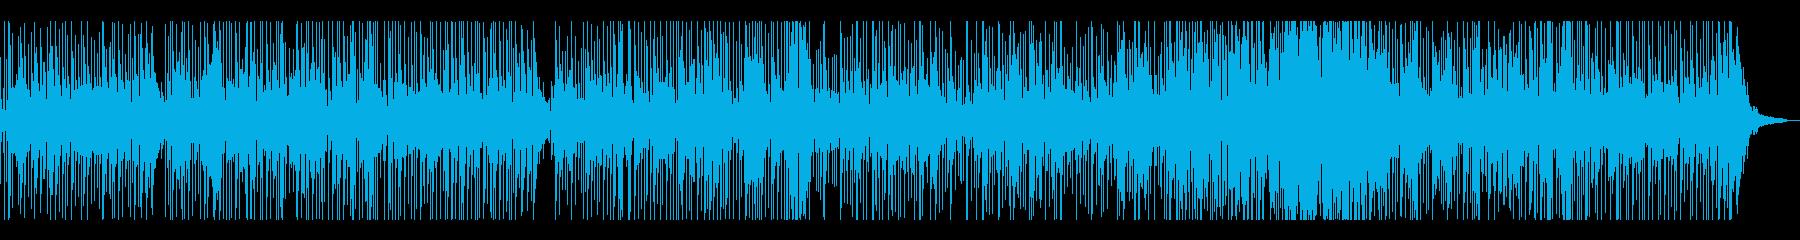 本格的生演奏のお洒落なクラブジャズの再生済みの波形